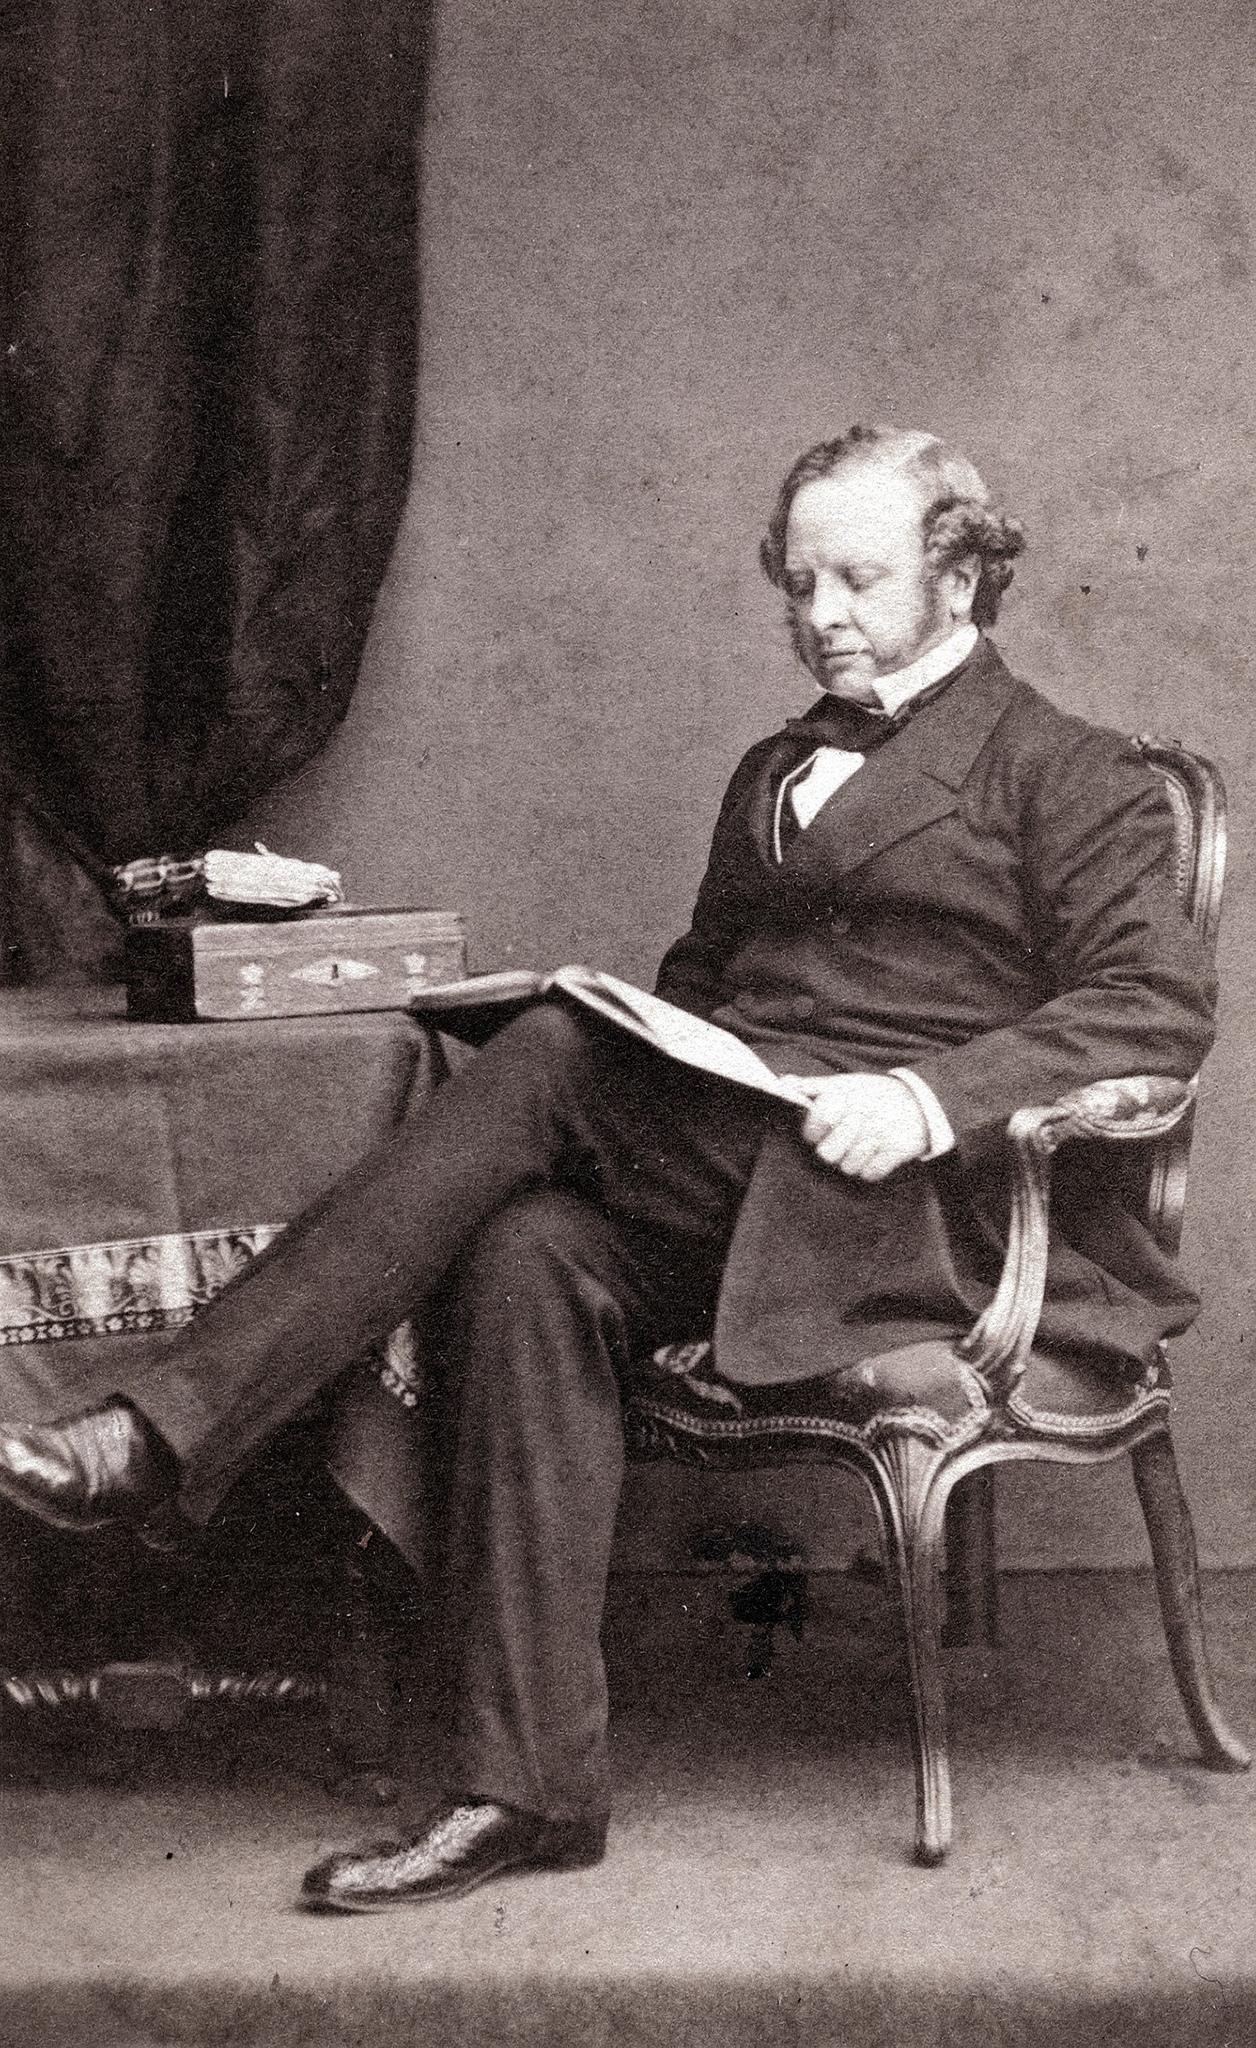 1860. Гренвиль Джордж Левесон Гоуэр, 2-й граф Гренвиль, — британский политик